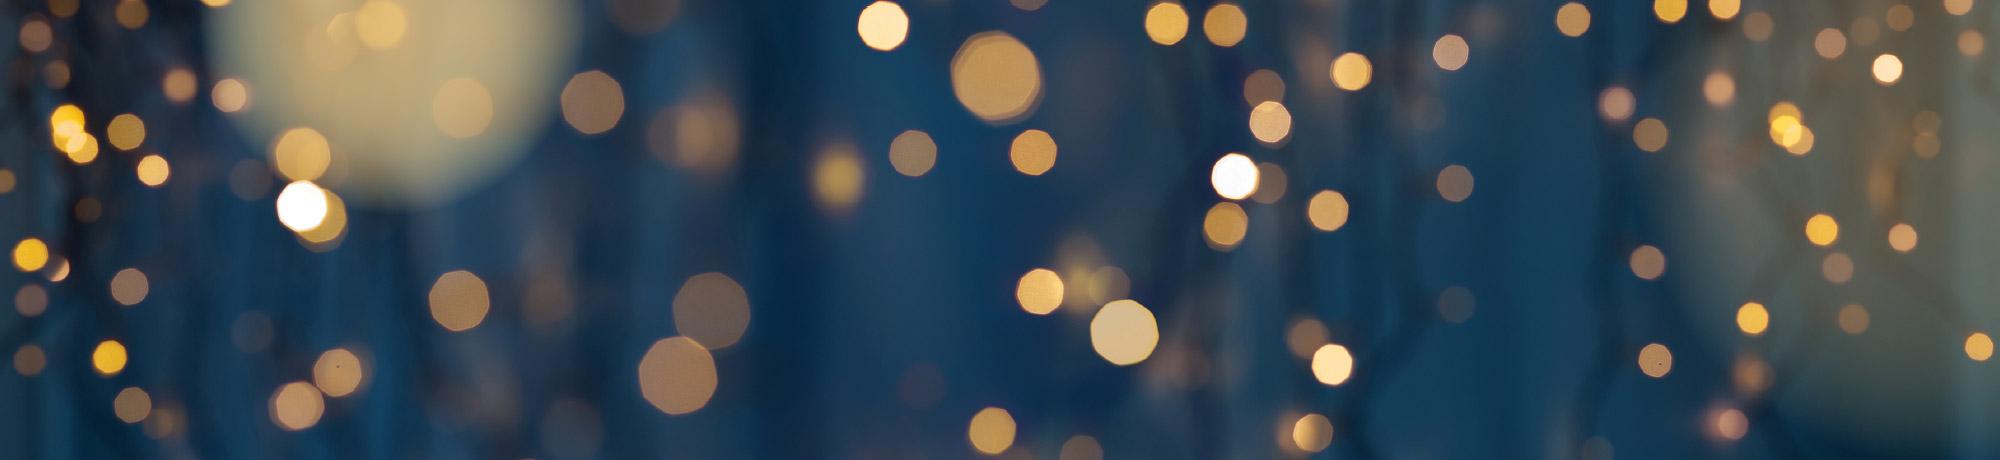 Banner - otris software vereinfacht Verantwortung - Weihnachten